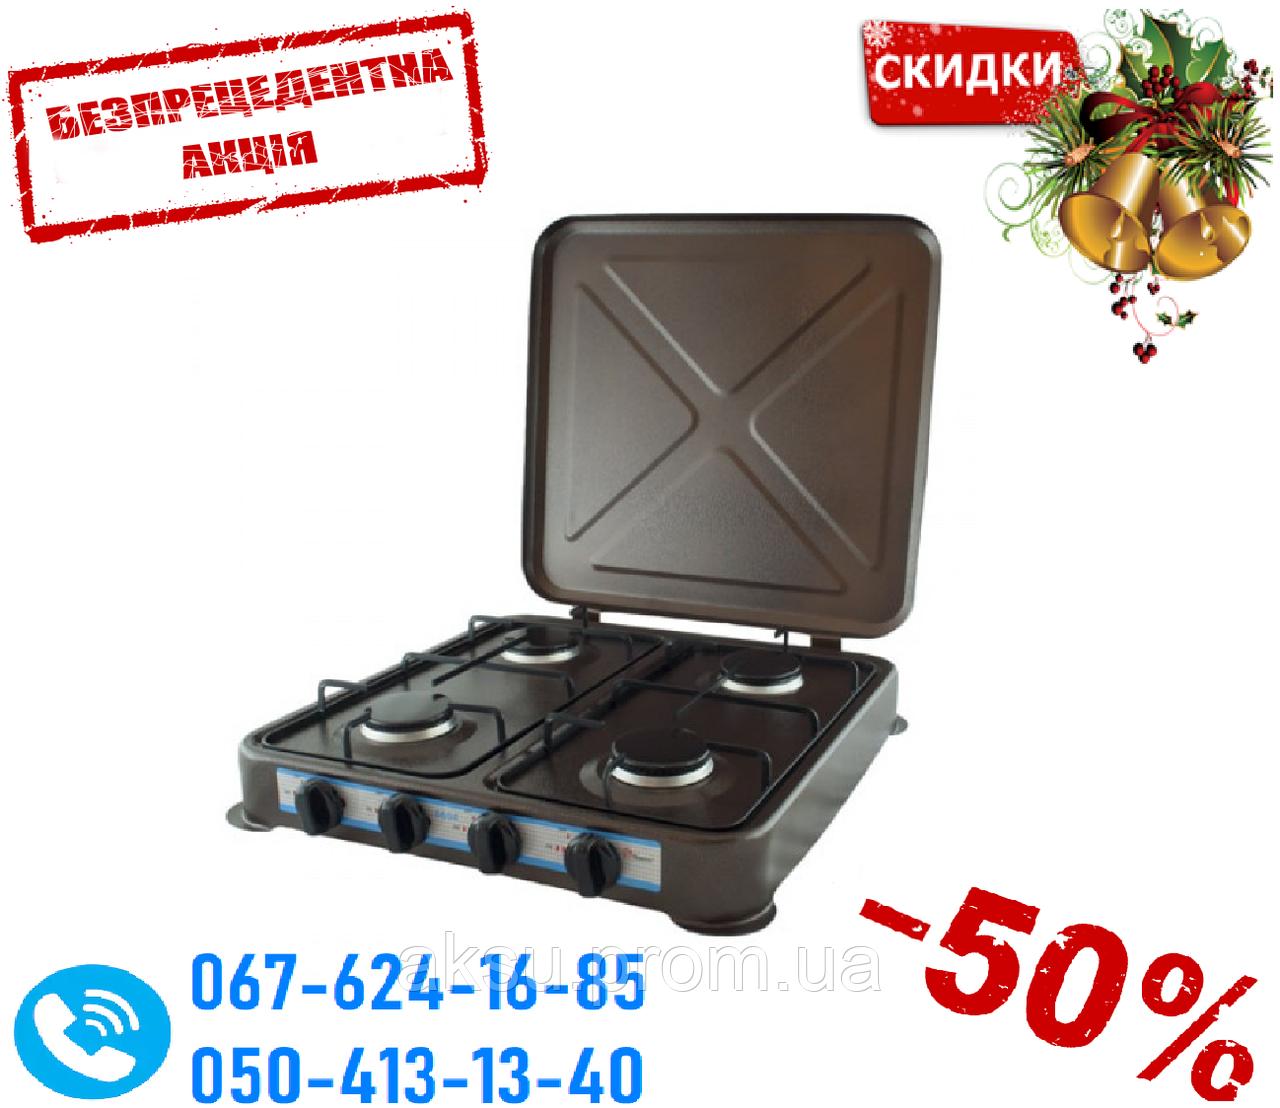 Настольный газовый таганок плита Domotec MS 6604 на 4 конфорки